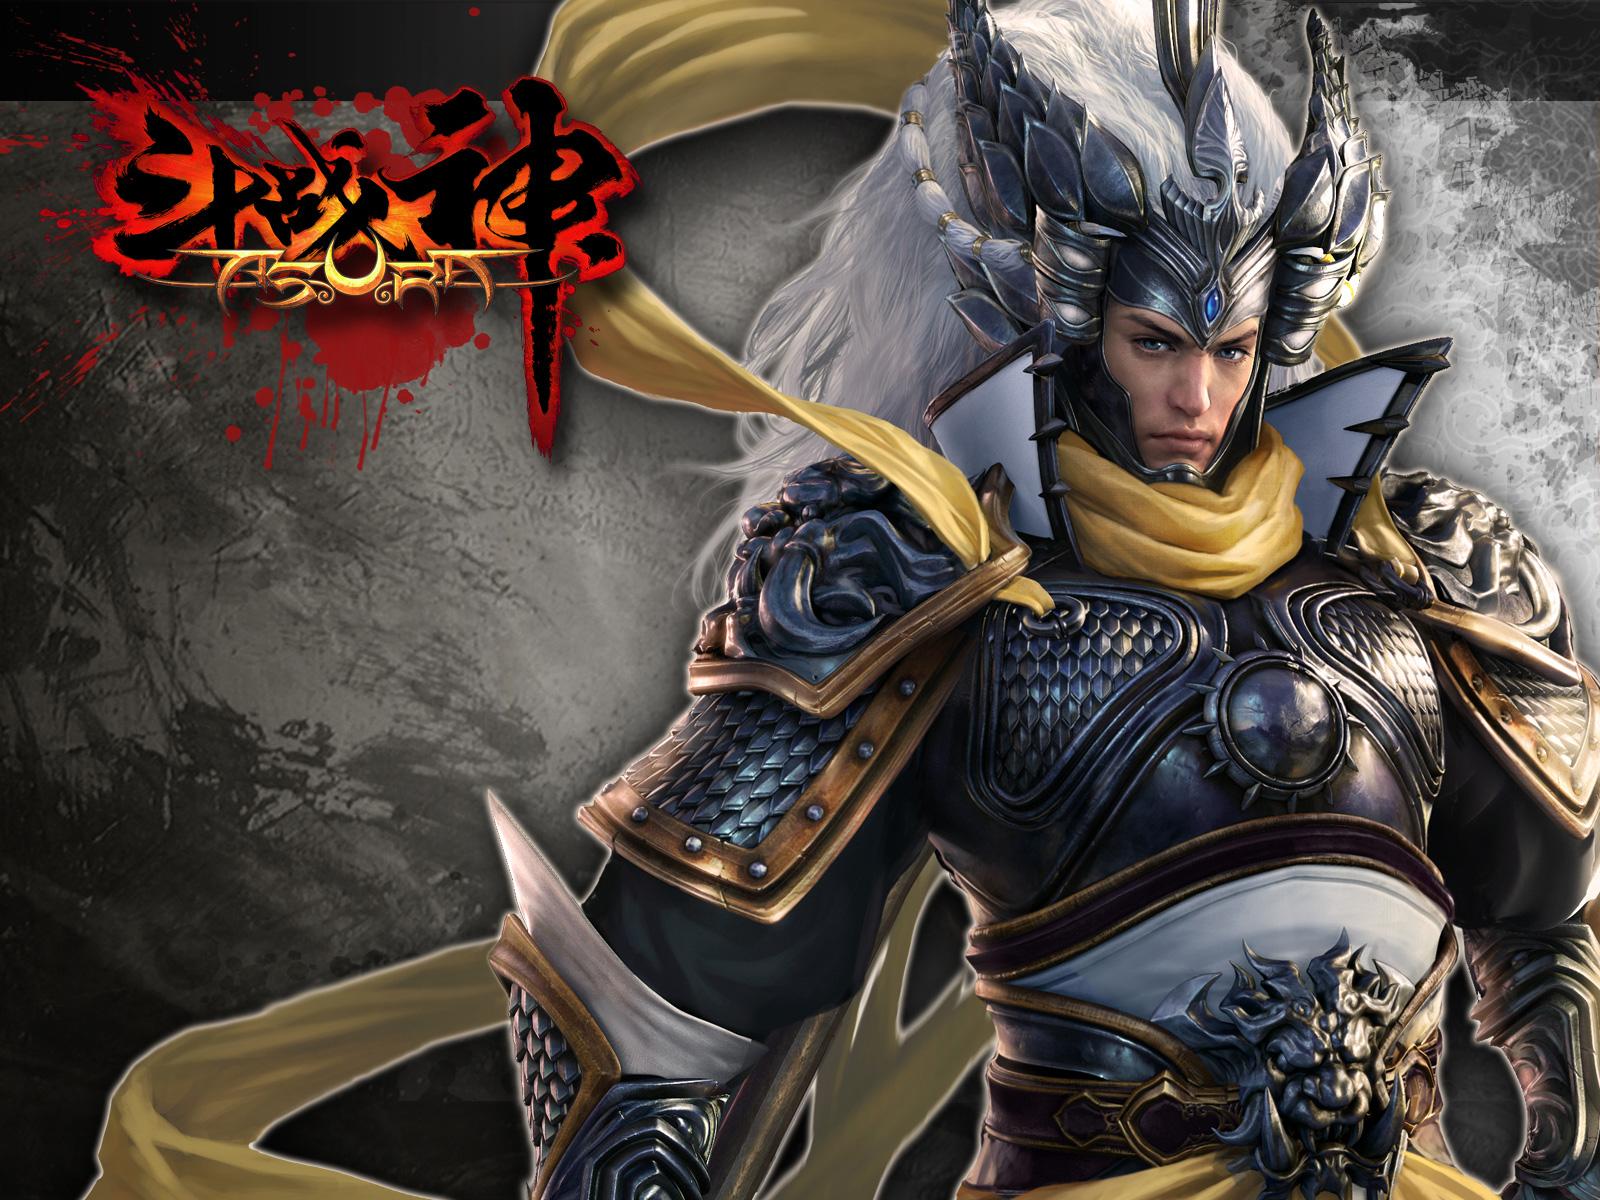 游戏壁纸-斗战神官方网站-腾讯游戏